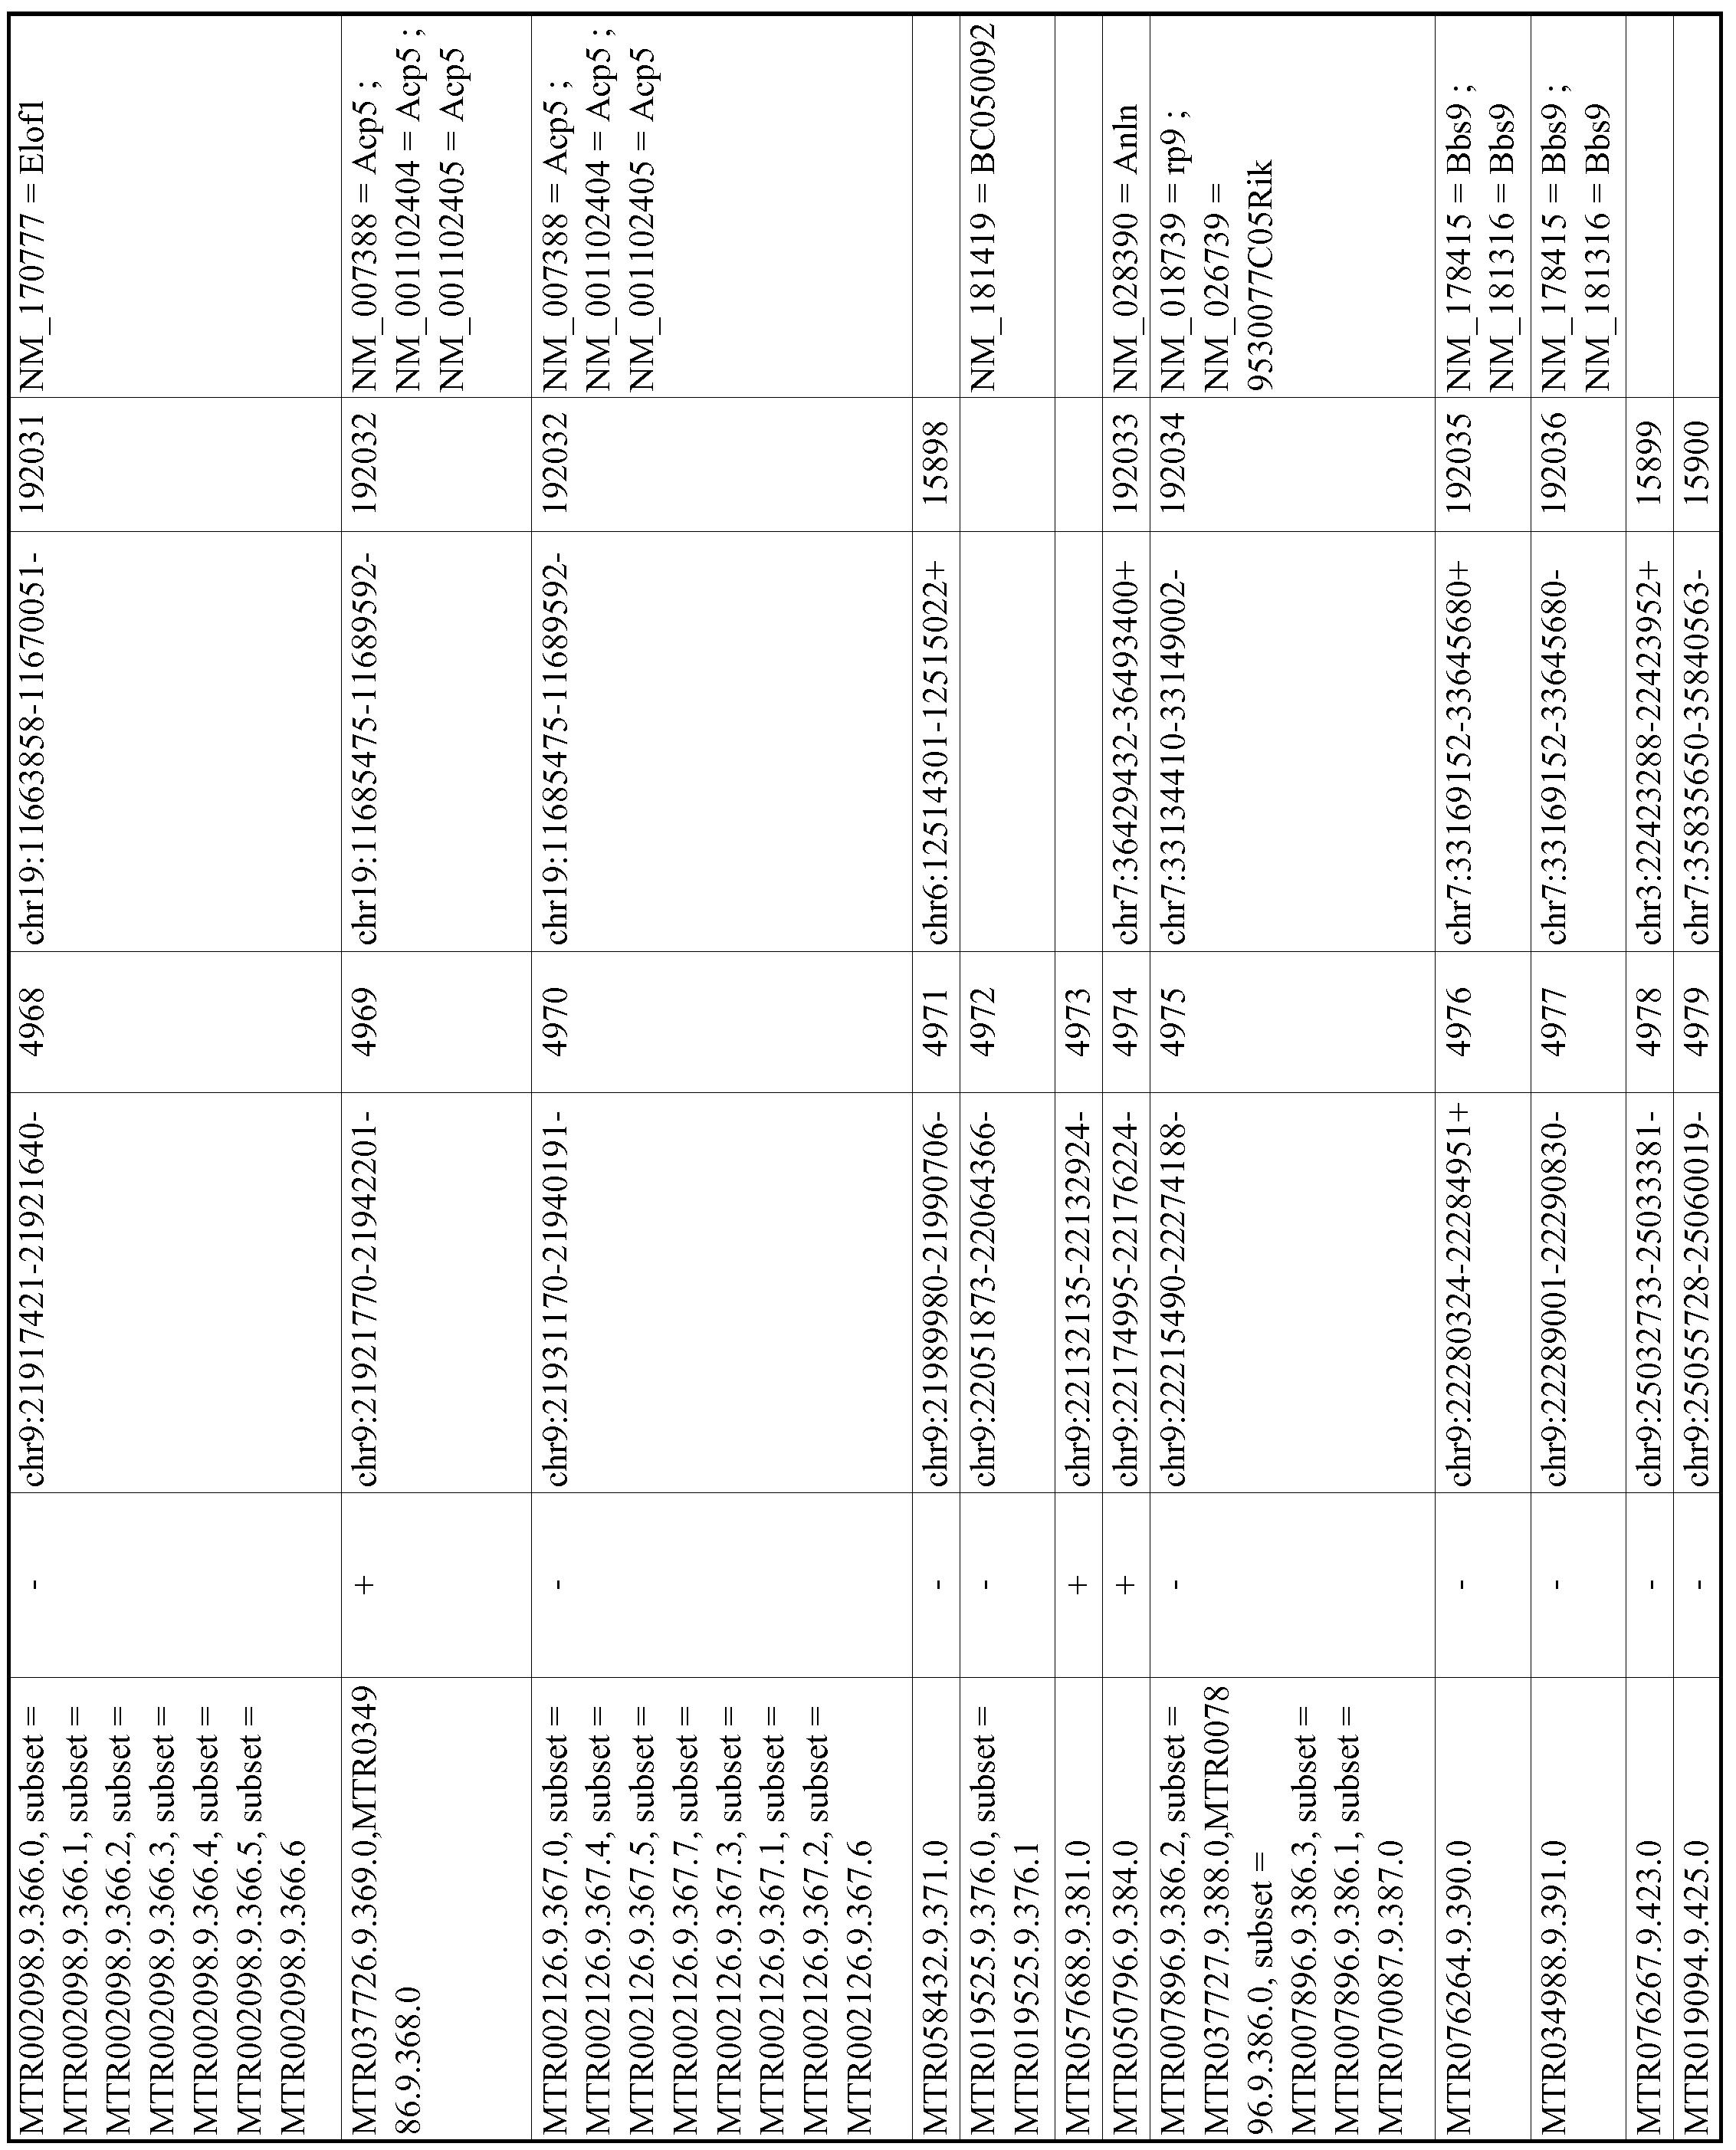 Figure imgf000915_0001